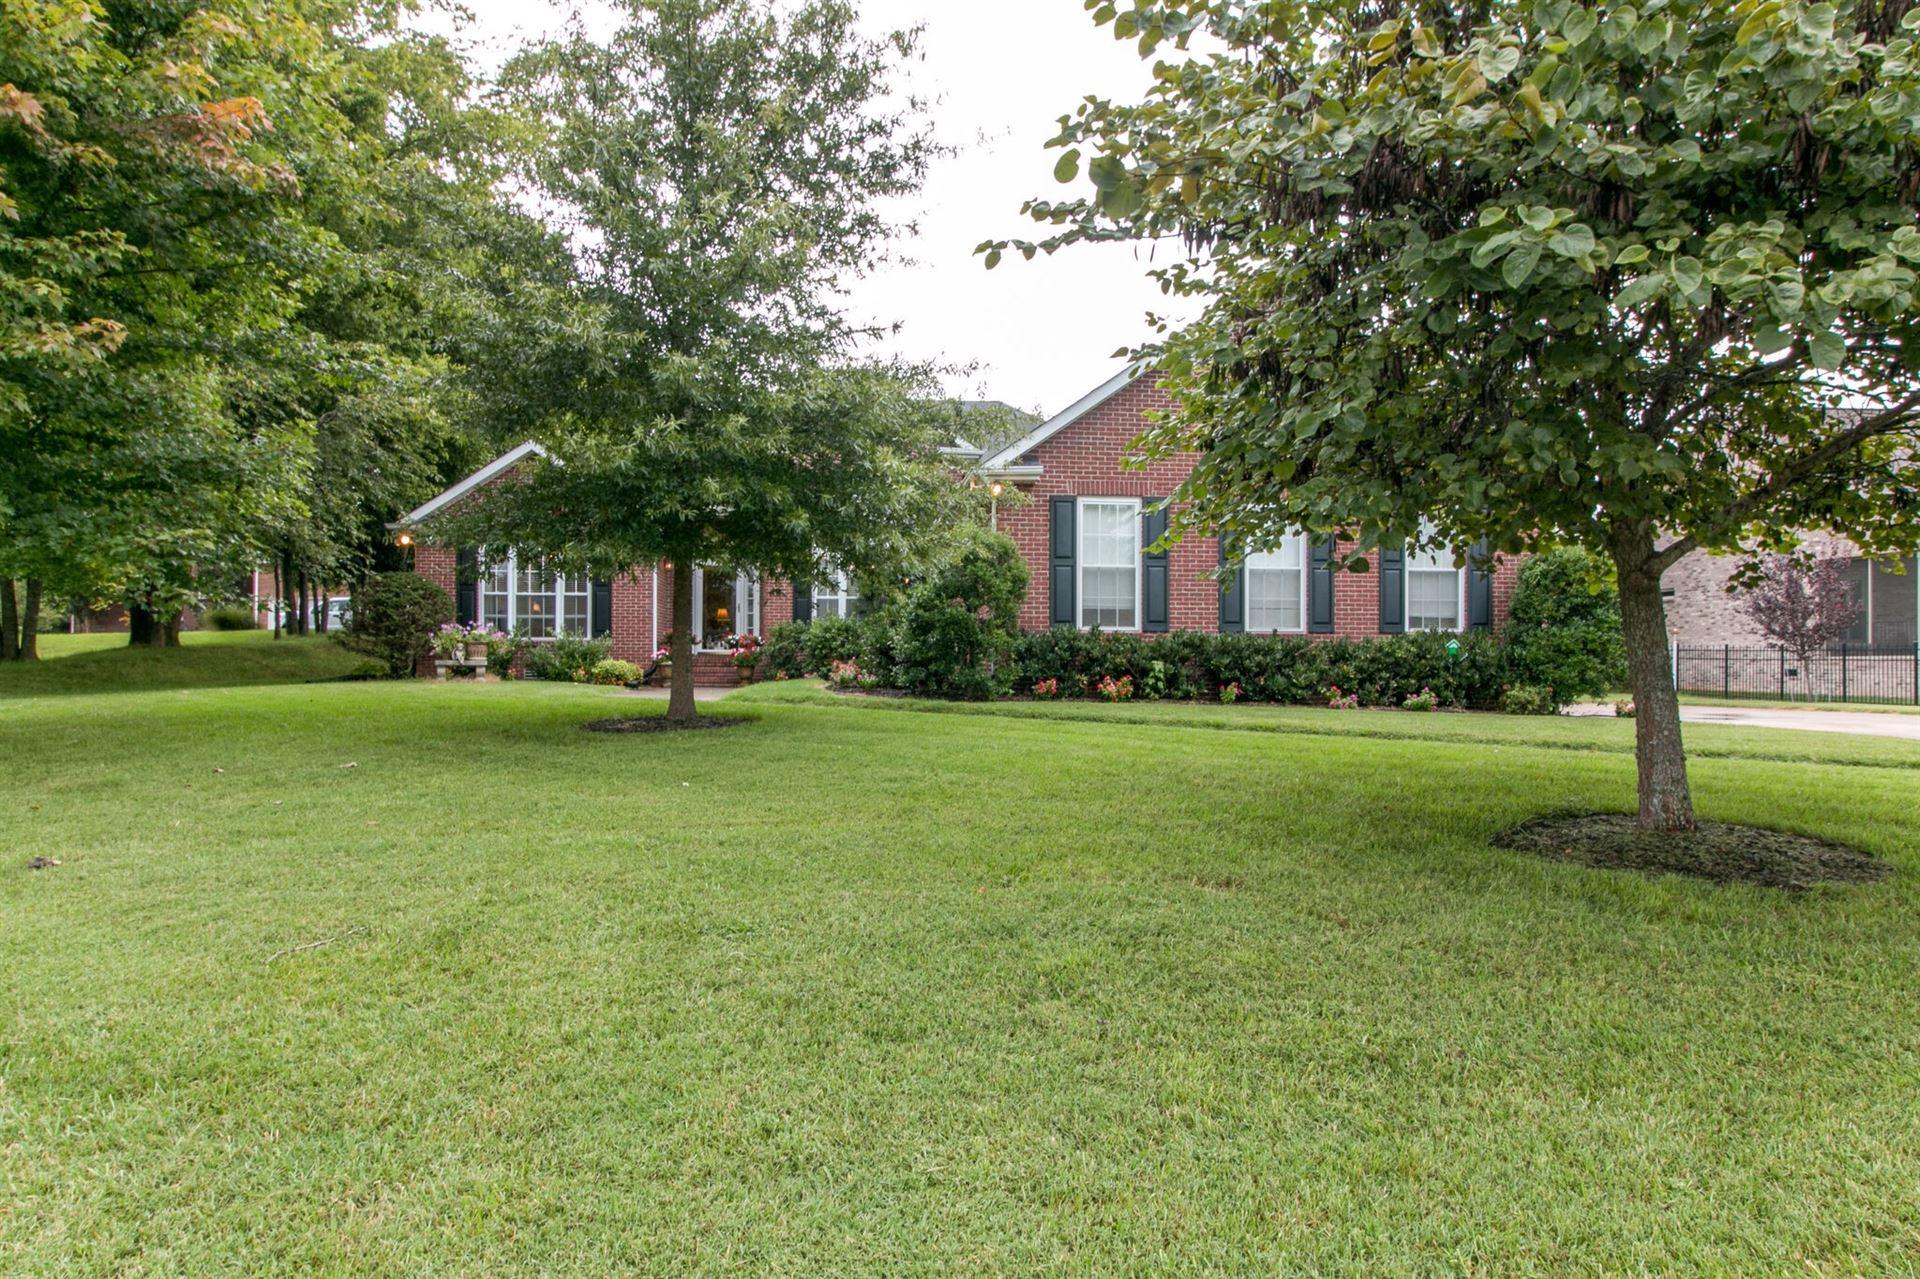 2603 Hedgerow Ln, Clarksville, TN 37043 - MLS#: 2289568